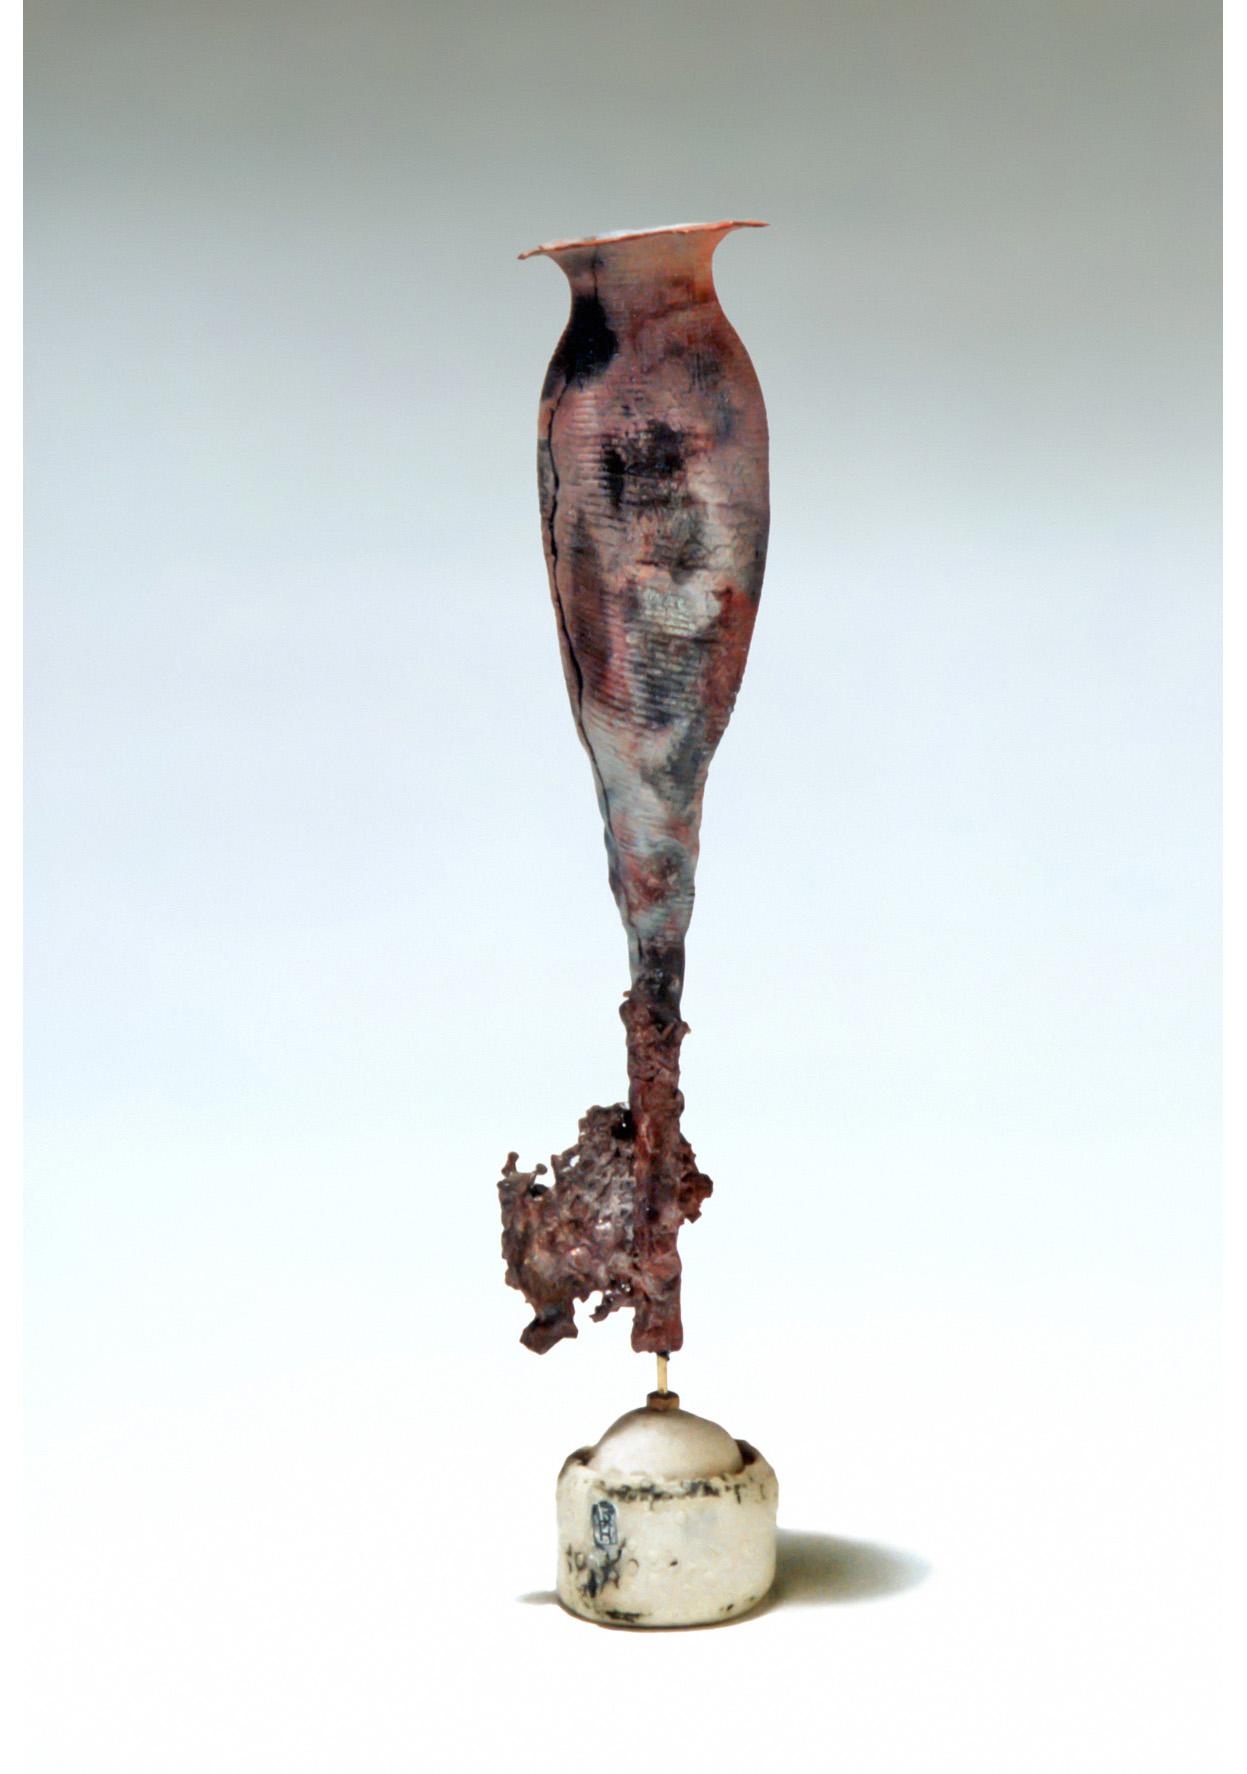 Muscle Study Vessel. Earthenware Terra Sigillata, wire, porcelain. 1993